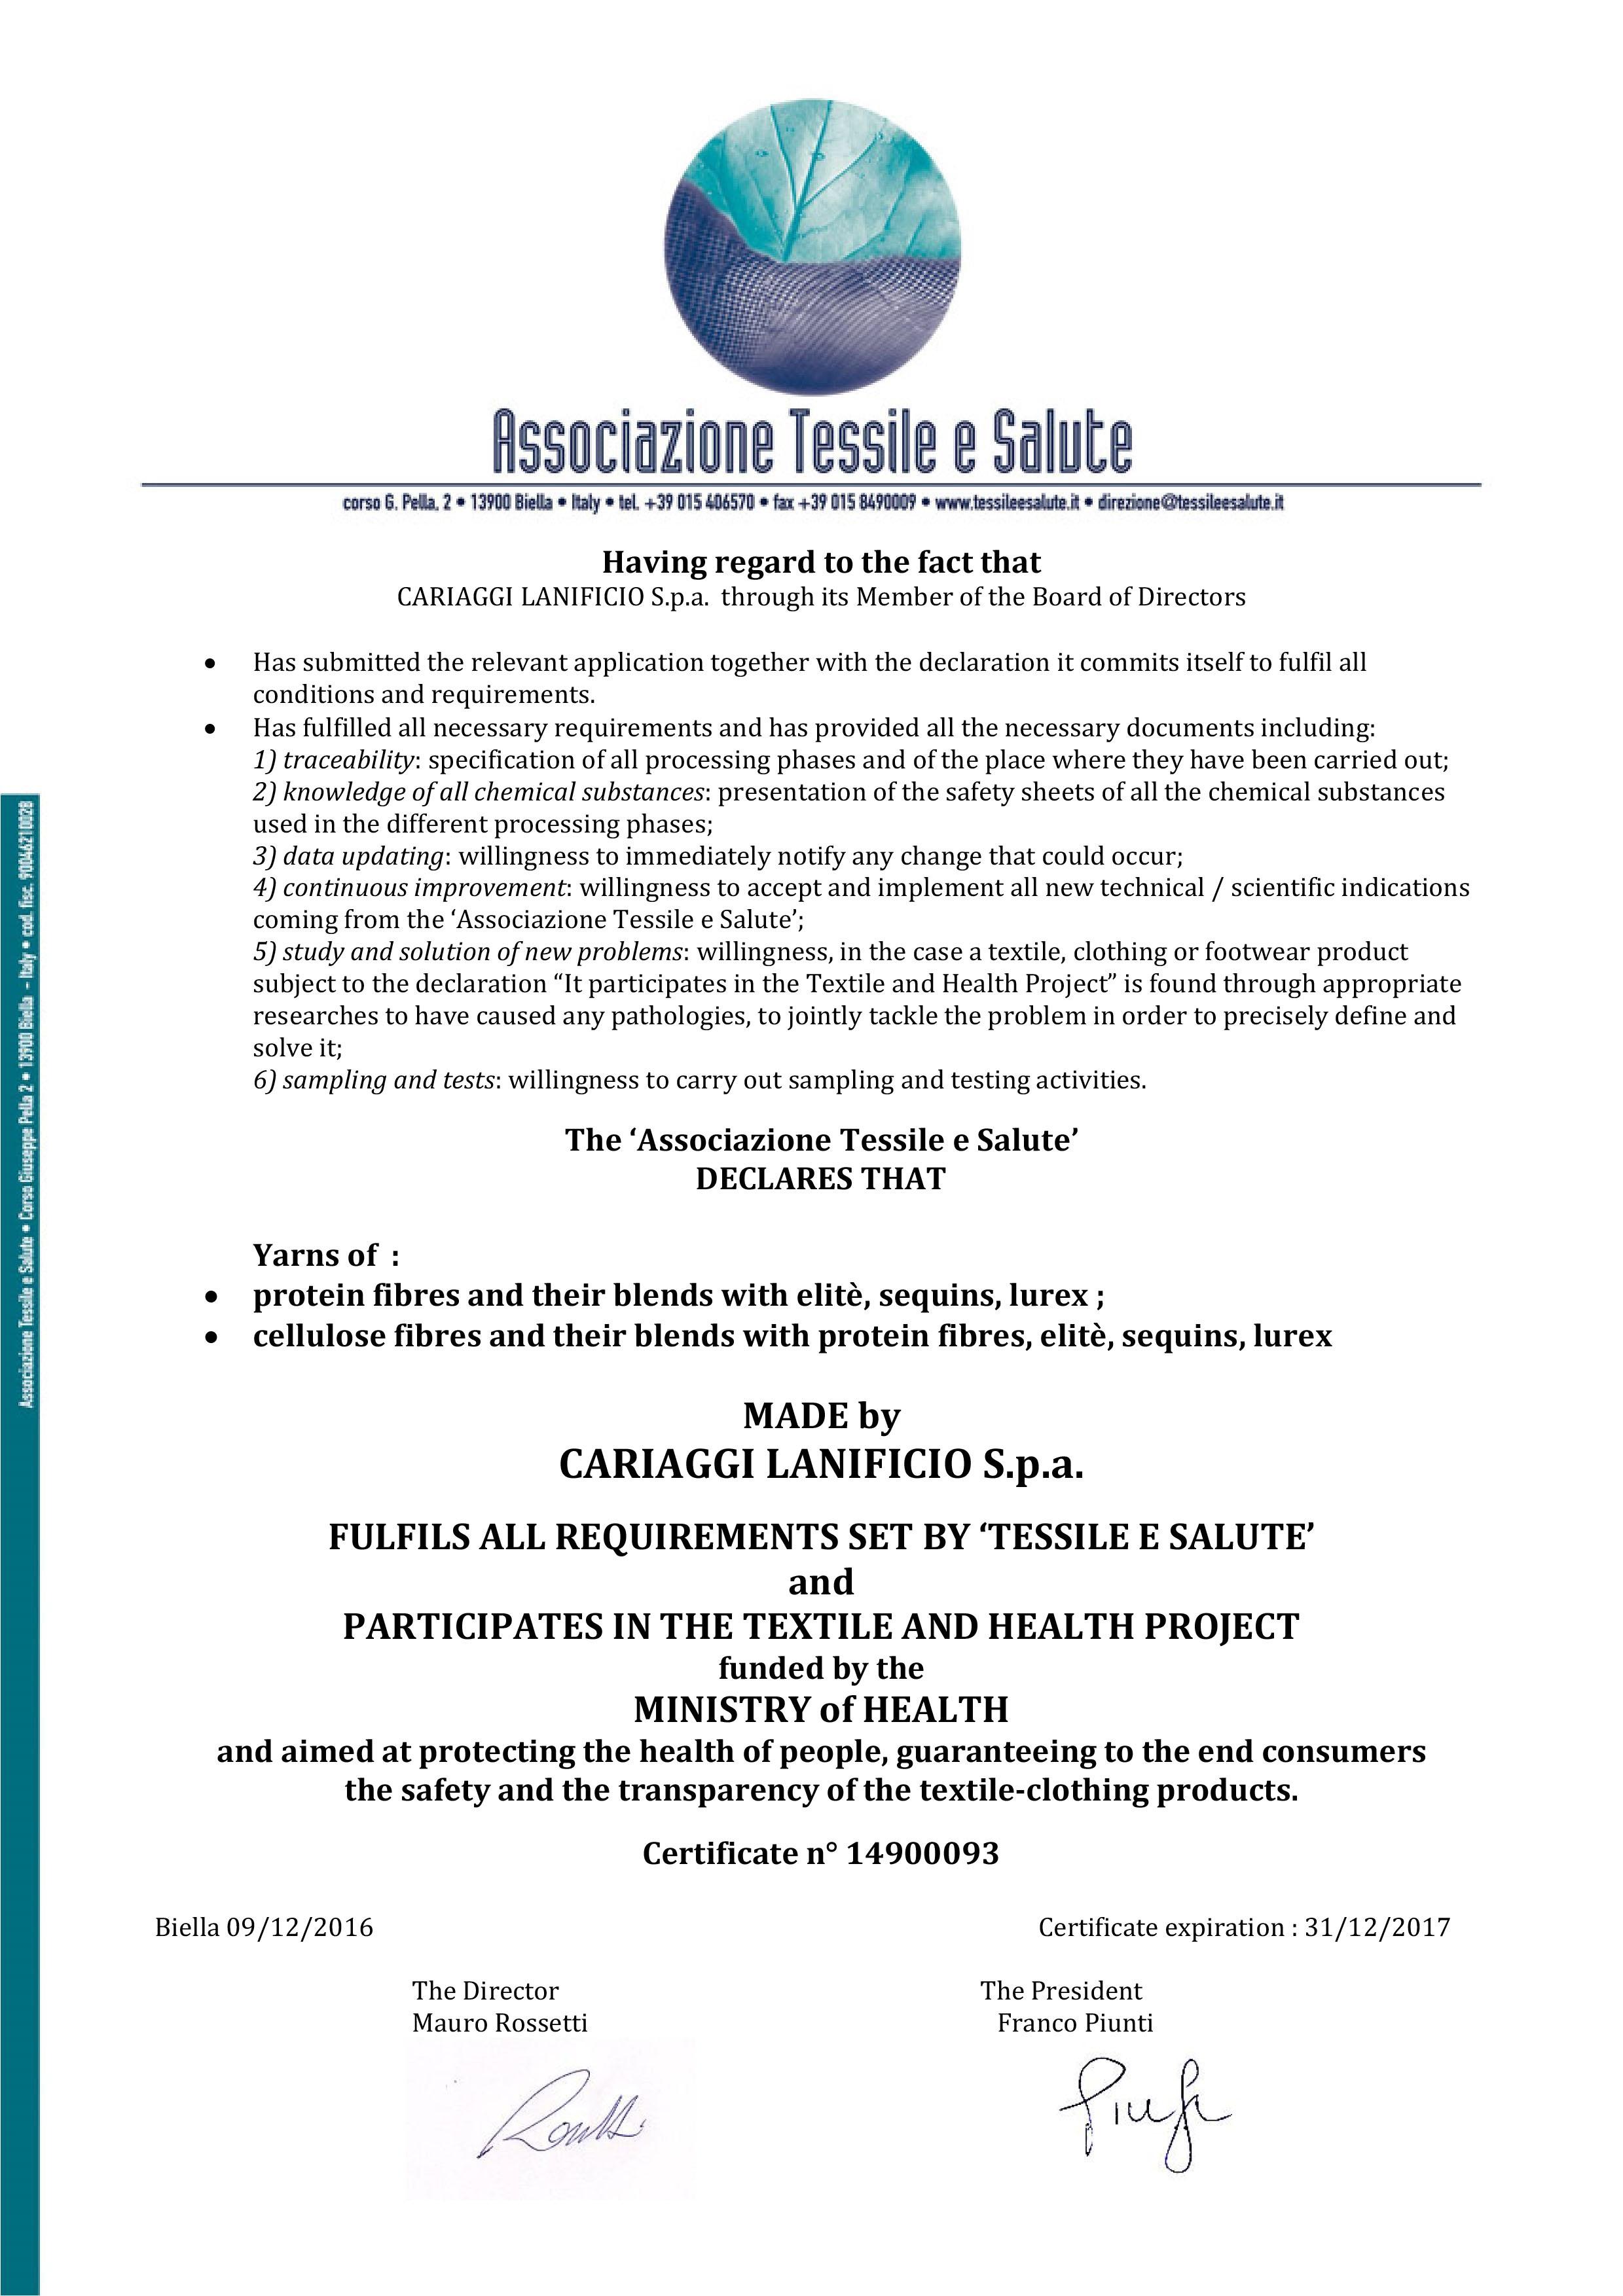 Cariaggi Certificate